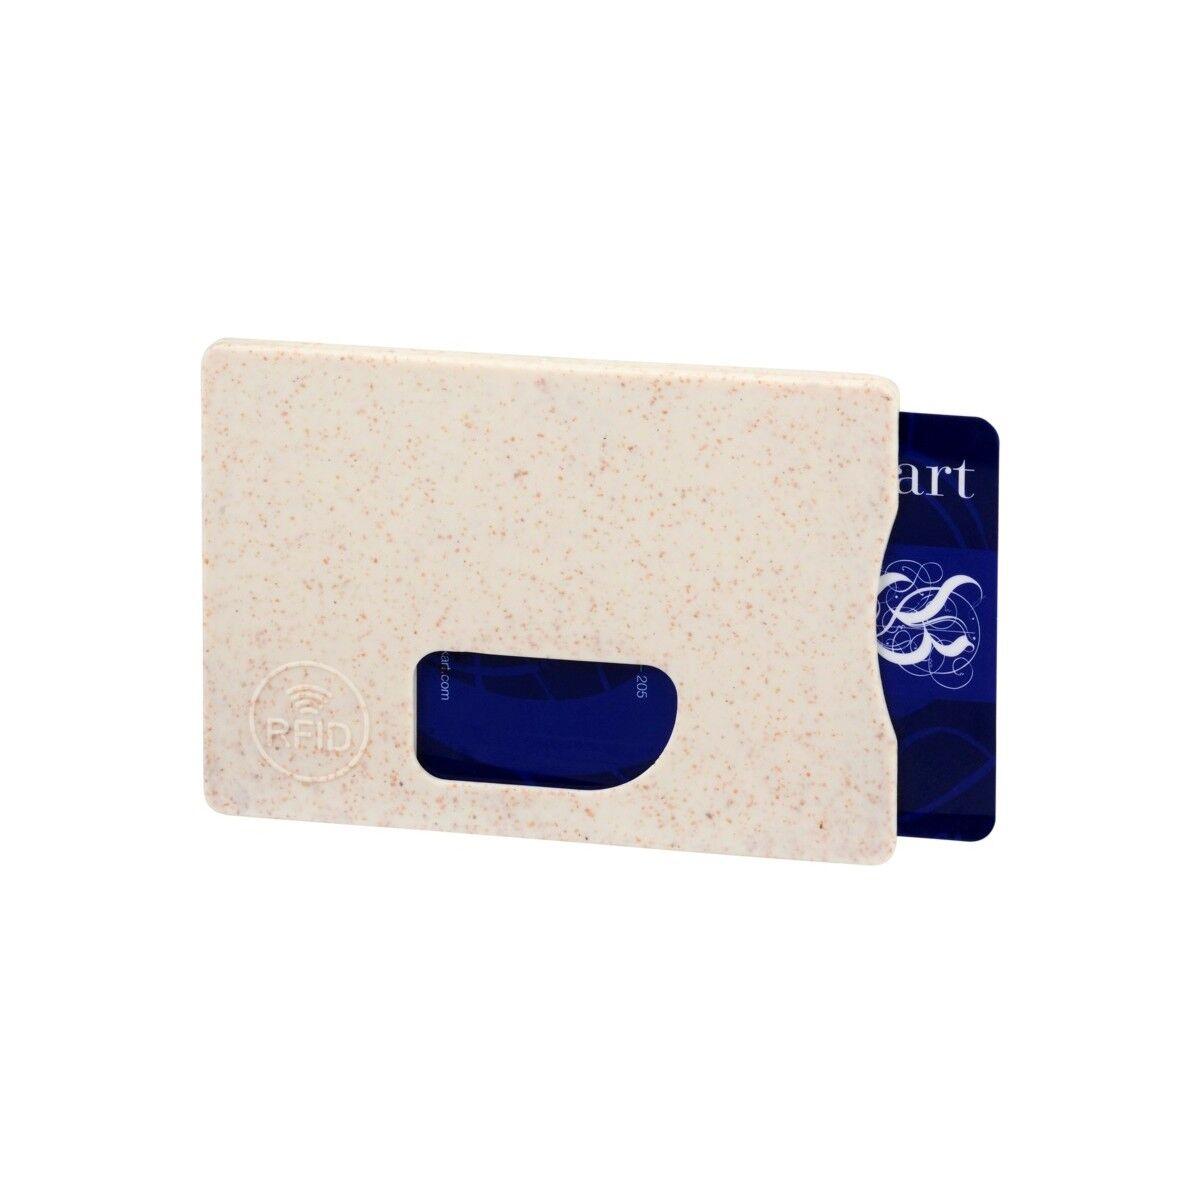 RFID Card Holder in Beige